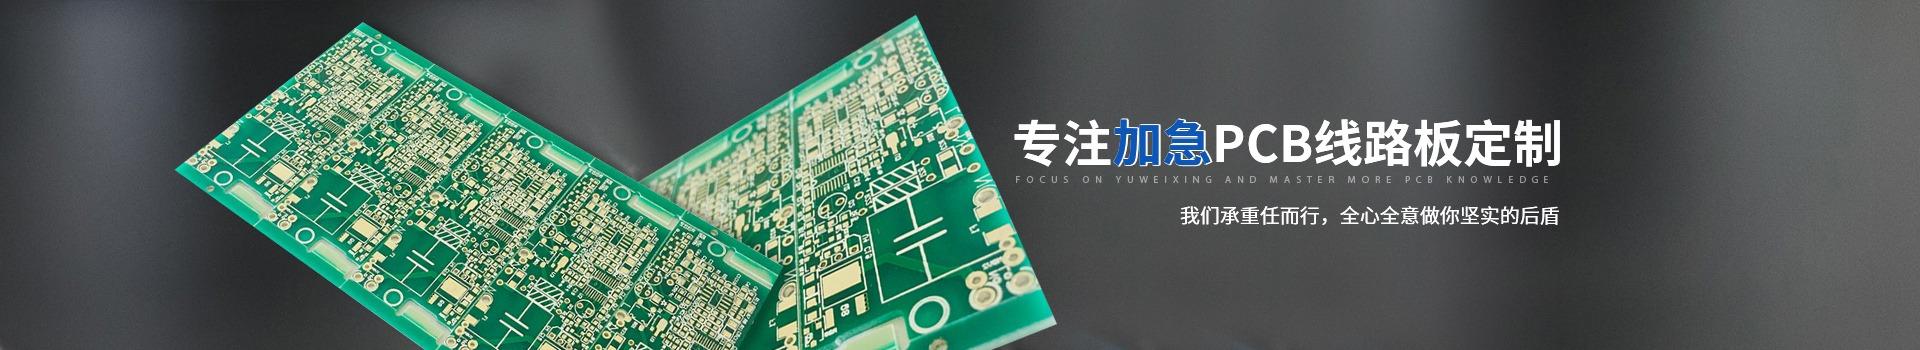 裕惟兴-专注加急PCB线路板定制